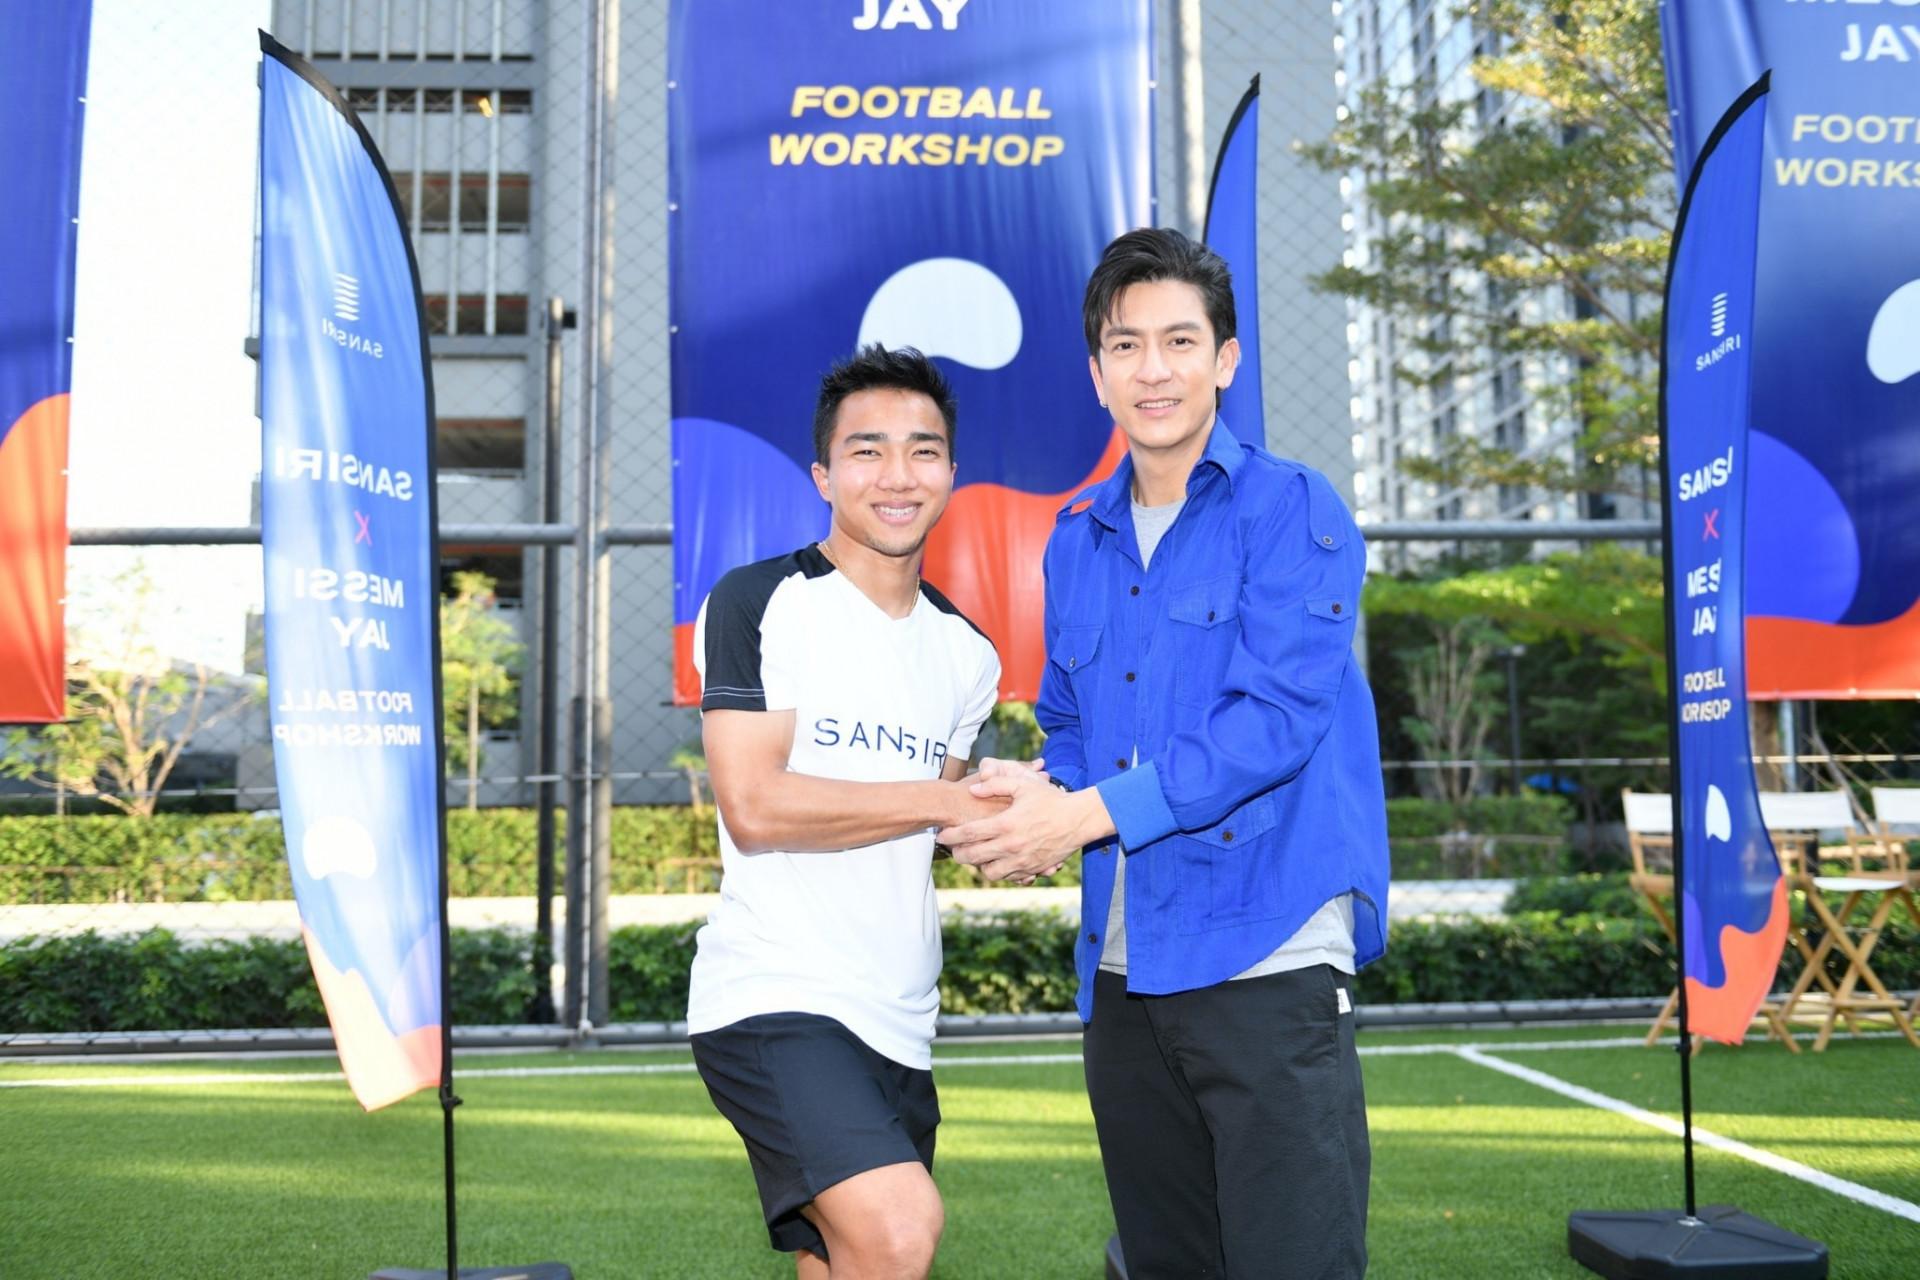 Sansiri X Messi Jay Football Workshop เจ ชนาธิป j chanathip  ติ๊ก เจษฎาภรณ์